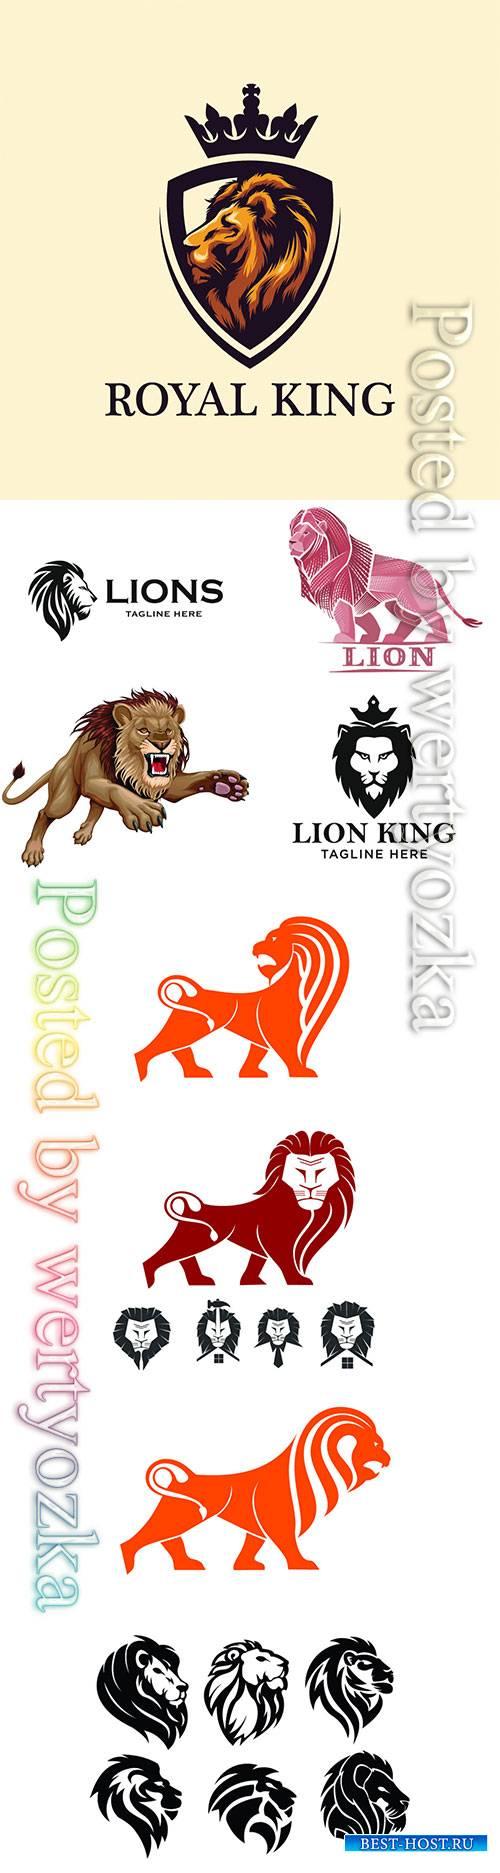 Lion logos vector illustration